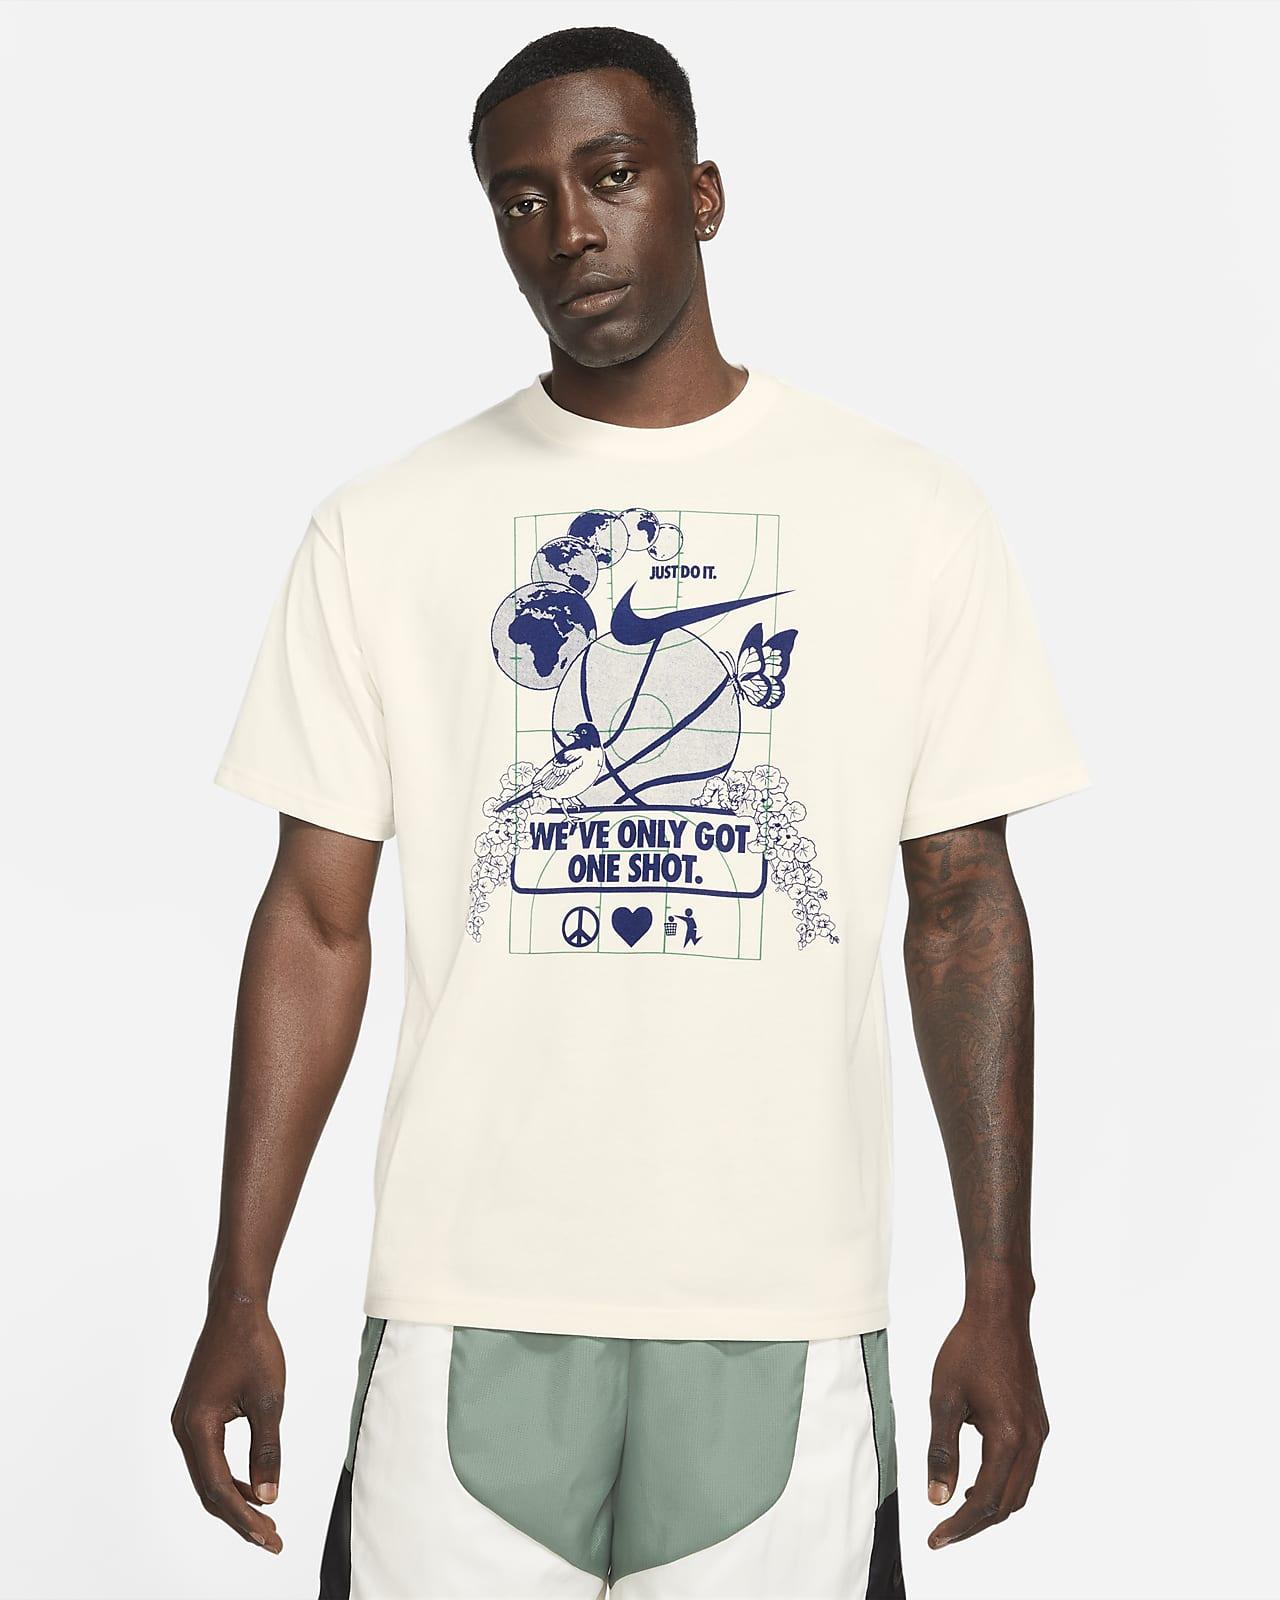 เสื้อยืดบาสเก็ตบอลผู้ชาย Nike